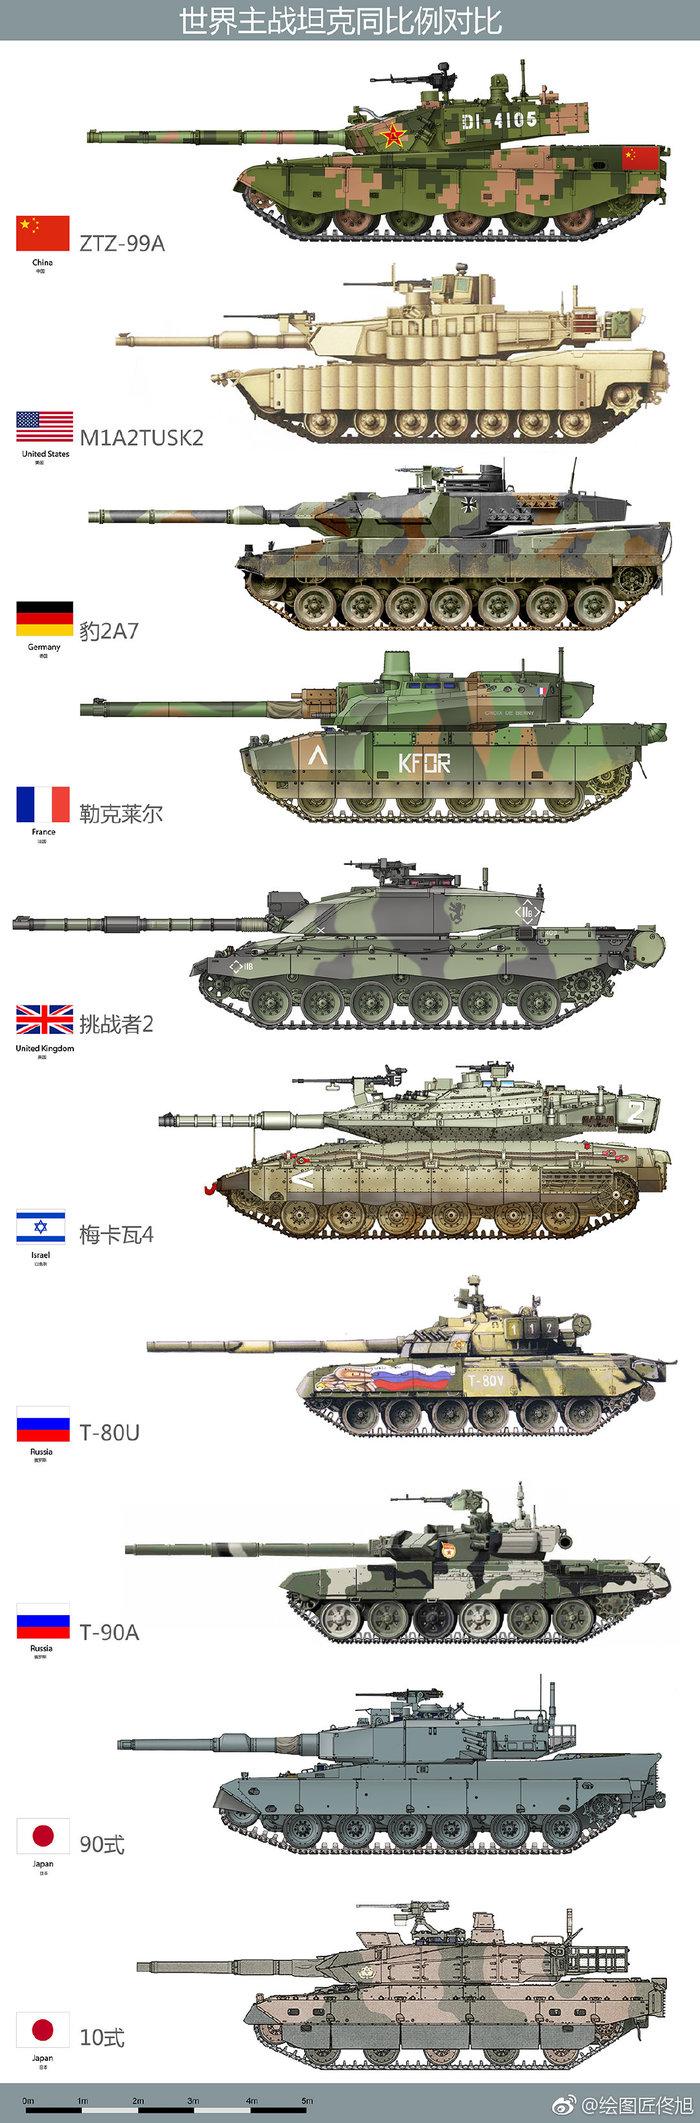 Китайский танк Тип 99А и основные боевые танки мира Танки, Сравнение, Длиннопост